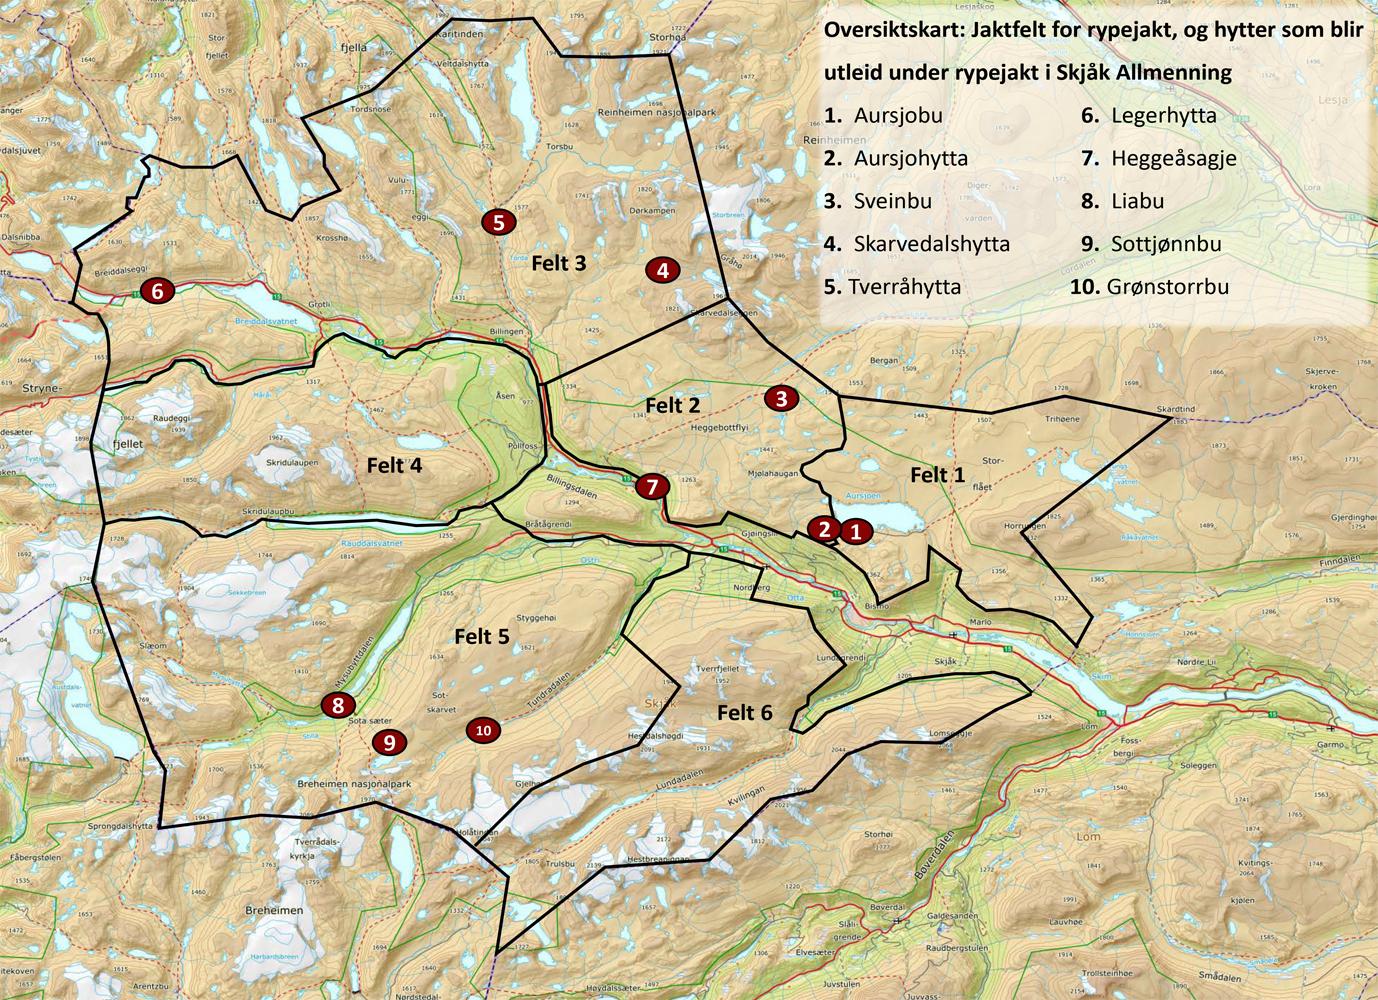 Oversiktskart Rypejakt Skjåk Allmen.jpg